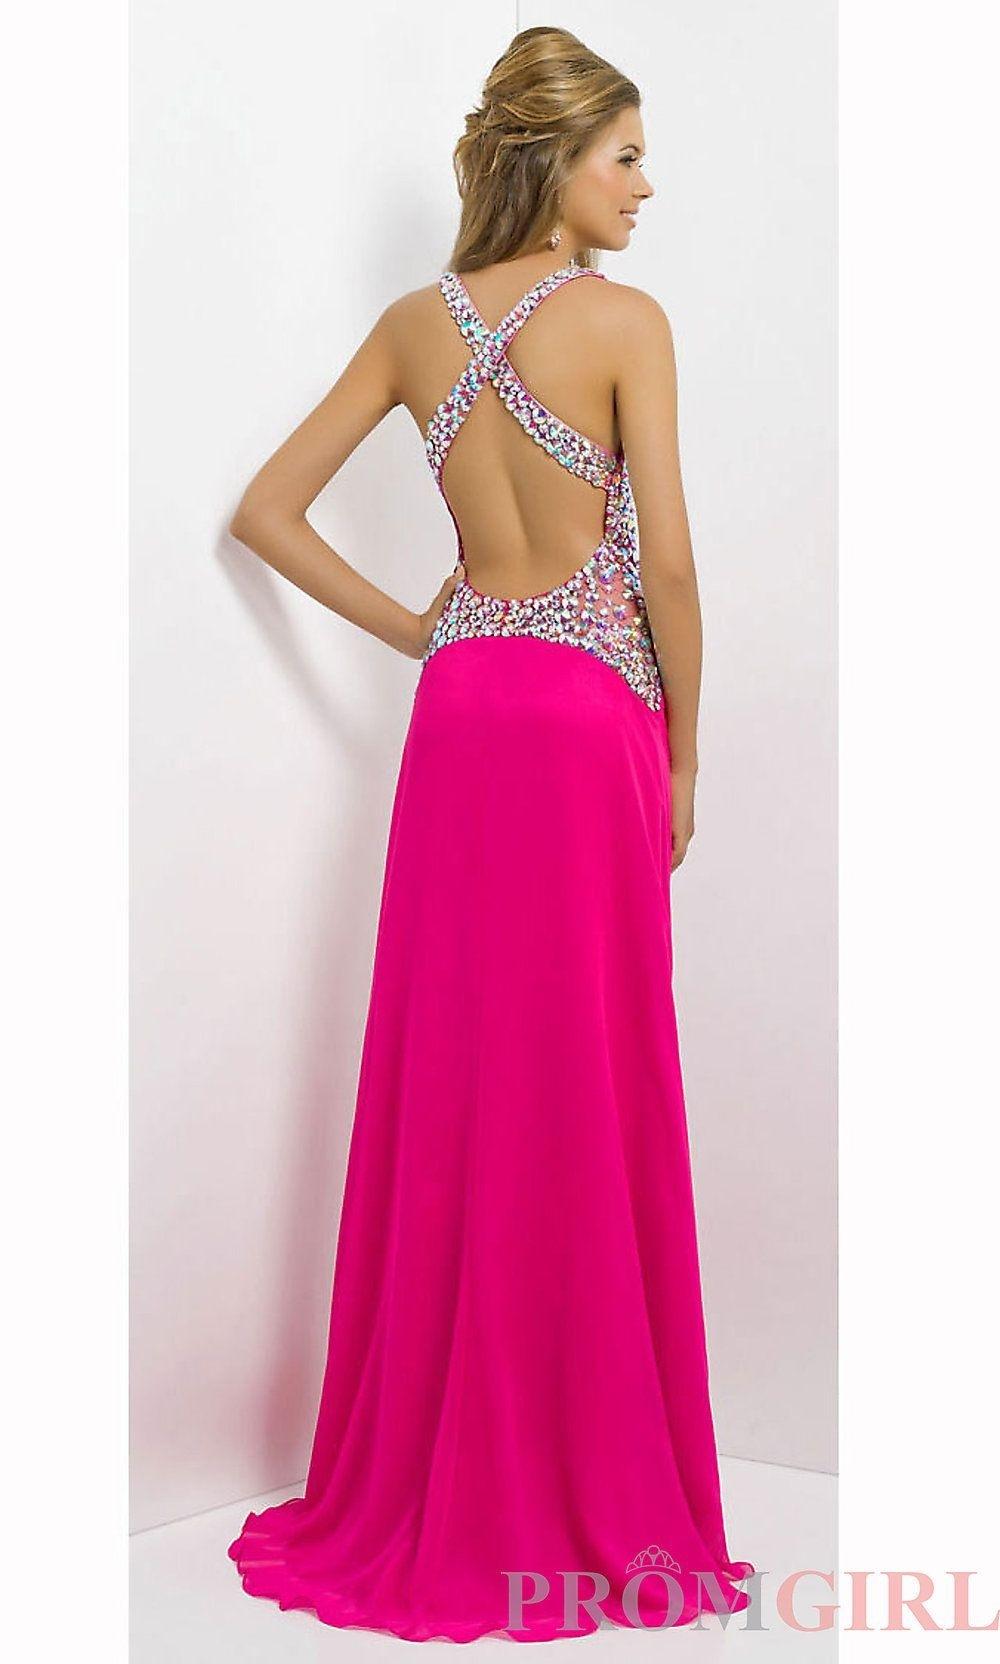 17 Leicht Abschlussballkleider Lang Rosa BoutiqueDesigner Einfach Abschlussballkleider Lang Rosa Vertrieb